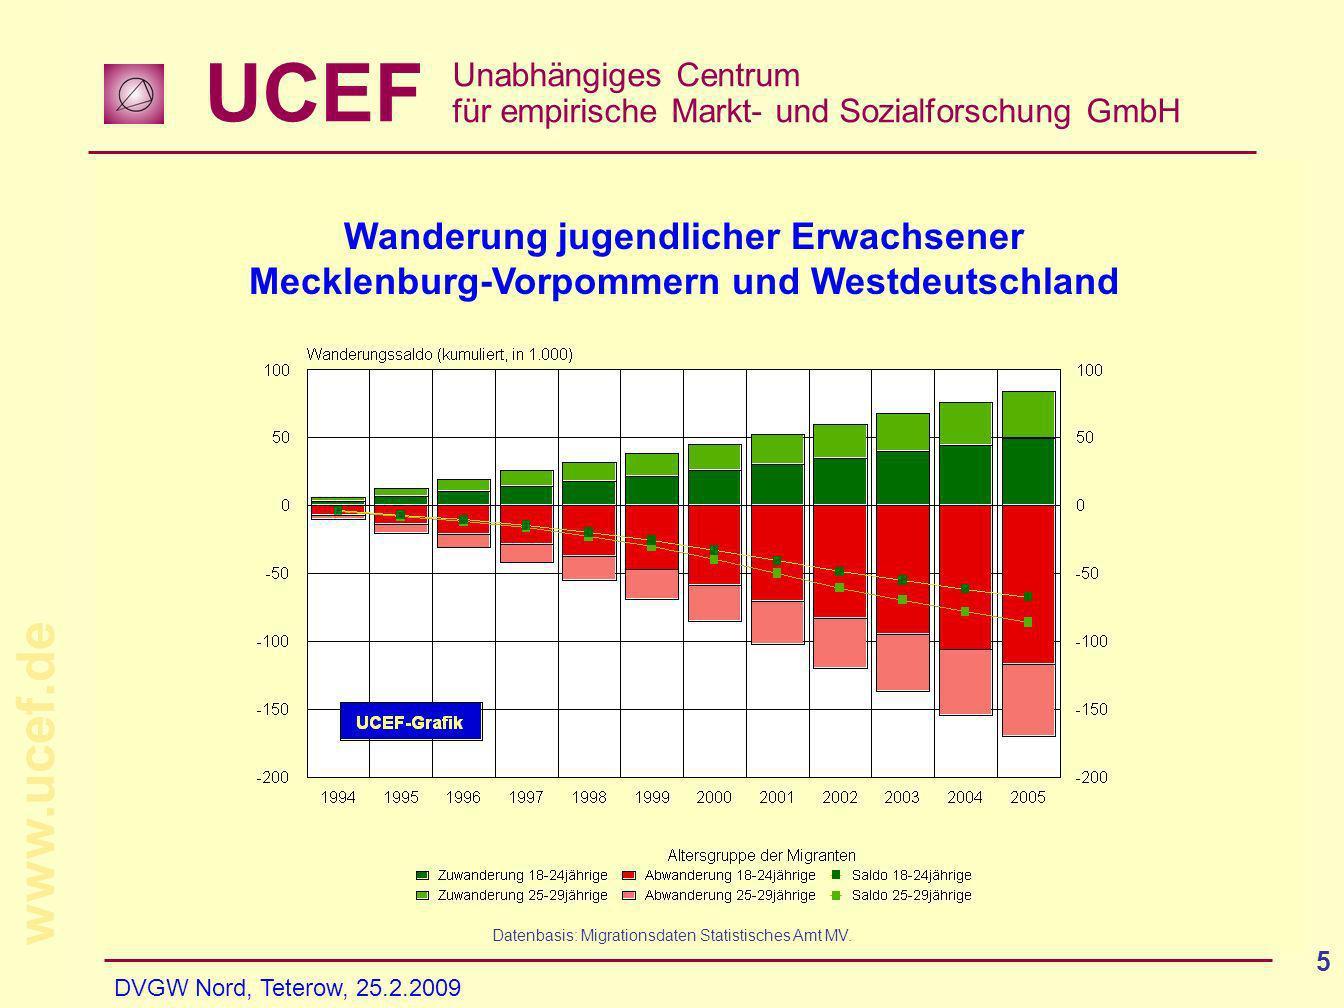 UCEF Unabhängiges Centrum für empirische Markt- und Sozialforschung GmbH www.ucef.de DVGW Nord, Teterow, 25.2.2009 16 Wenn denn Demografie nur alles wäre...